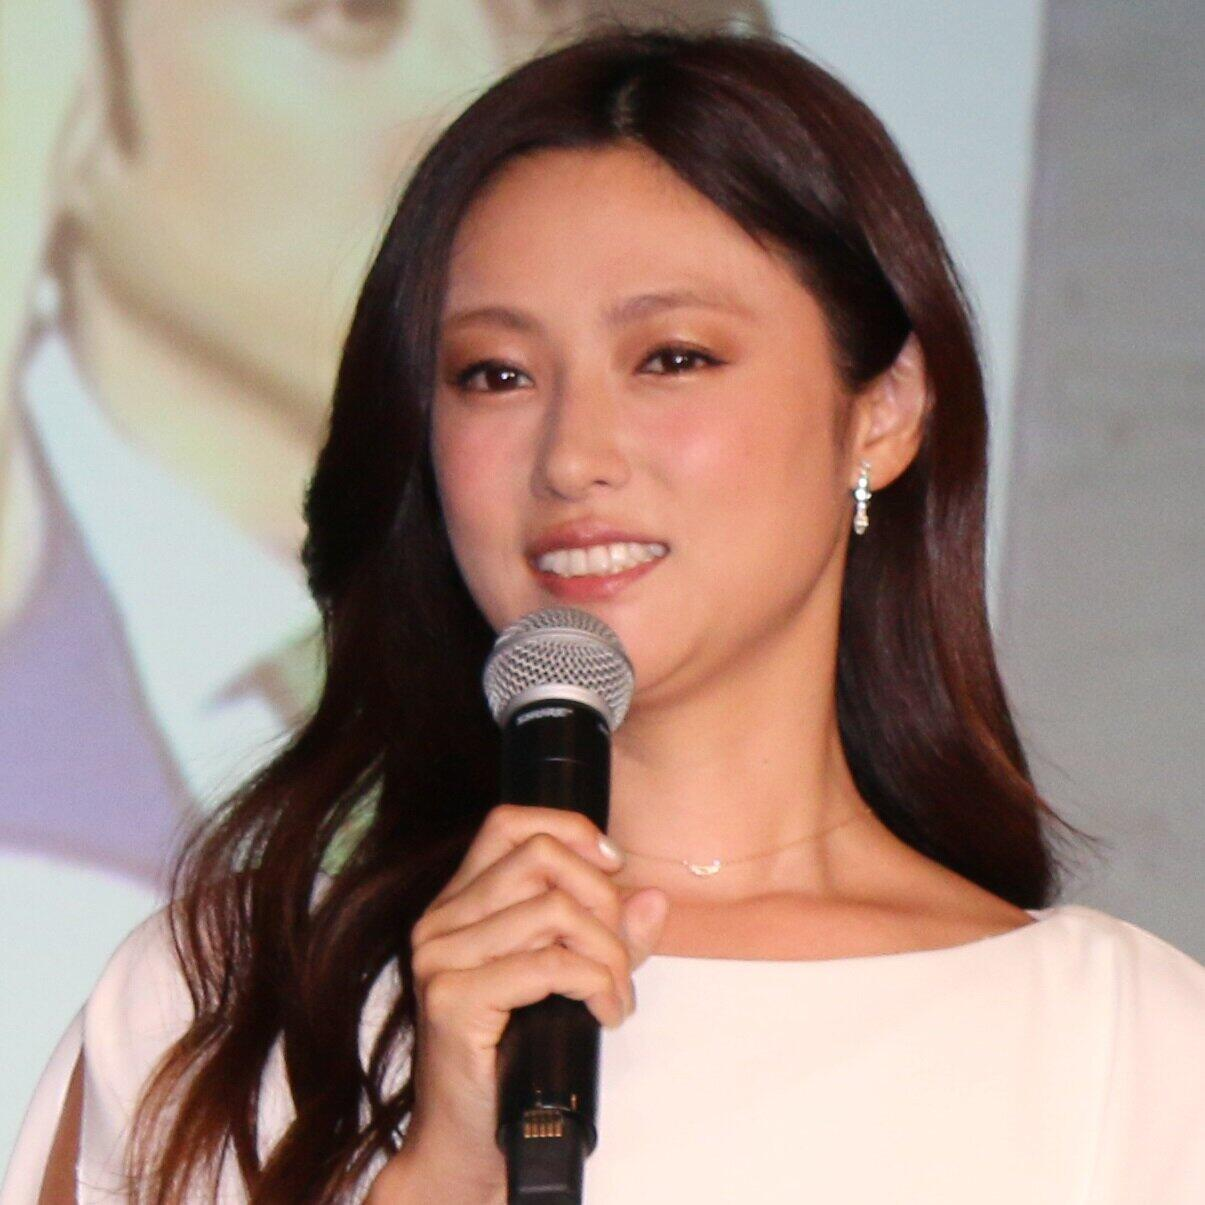 深田恭子との結婚生活を妄想... 「ルパンの娘」に鼻の下を伸ばしちゃった貴方へ